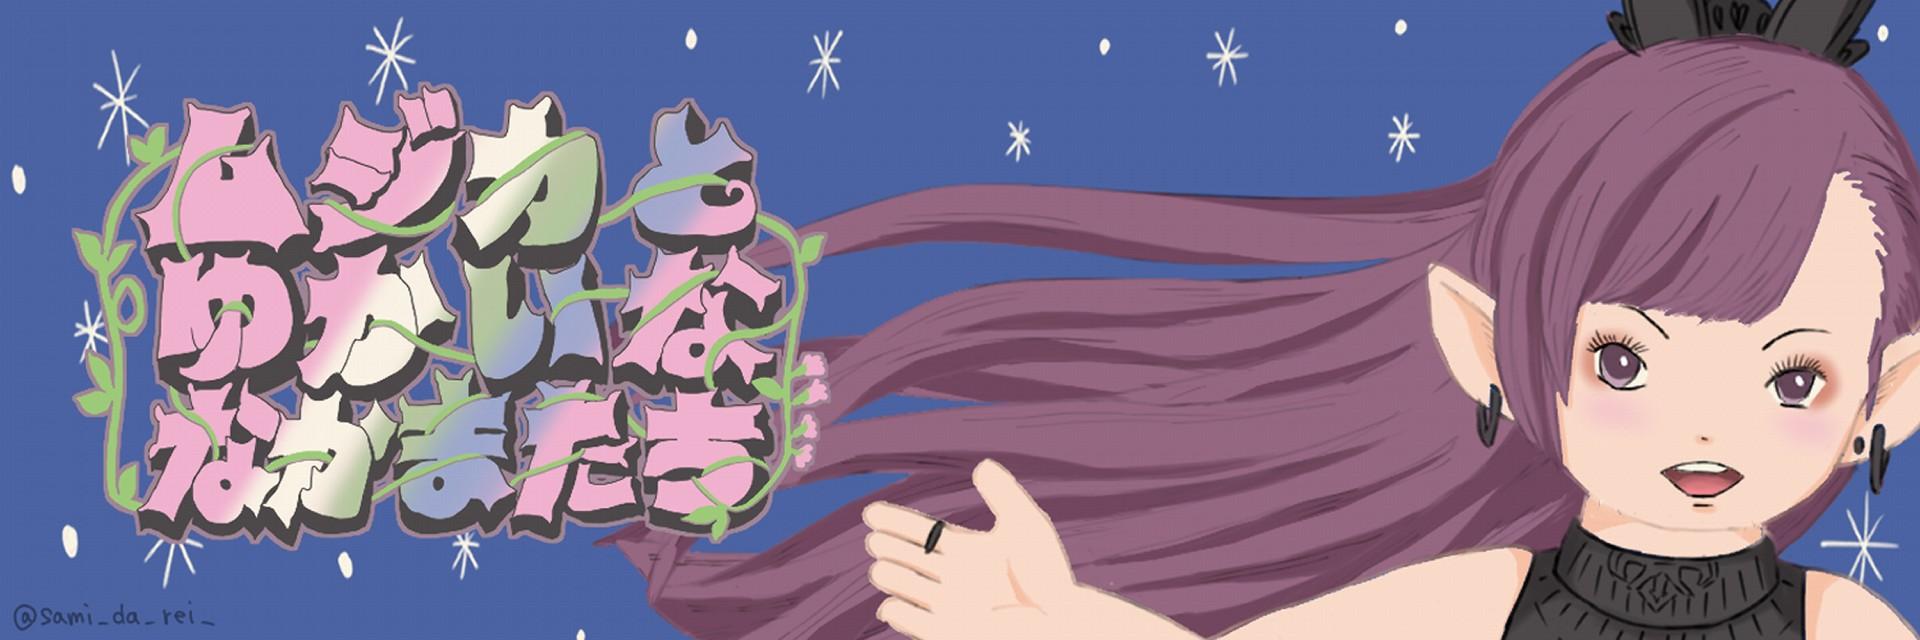 f:id:ryoushitsu-musica:20210706220649j:image